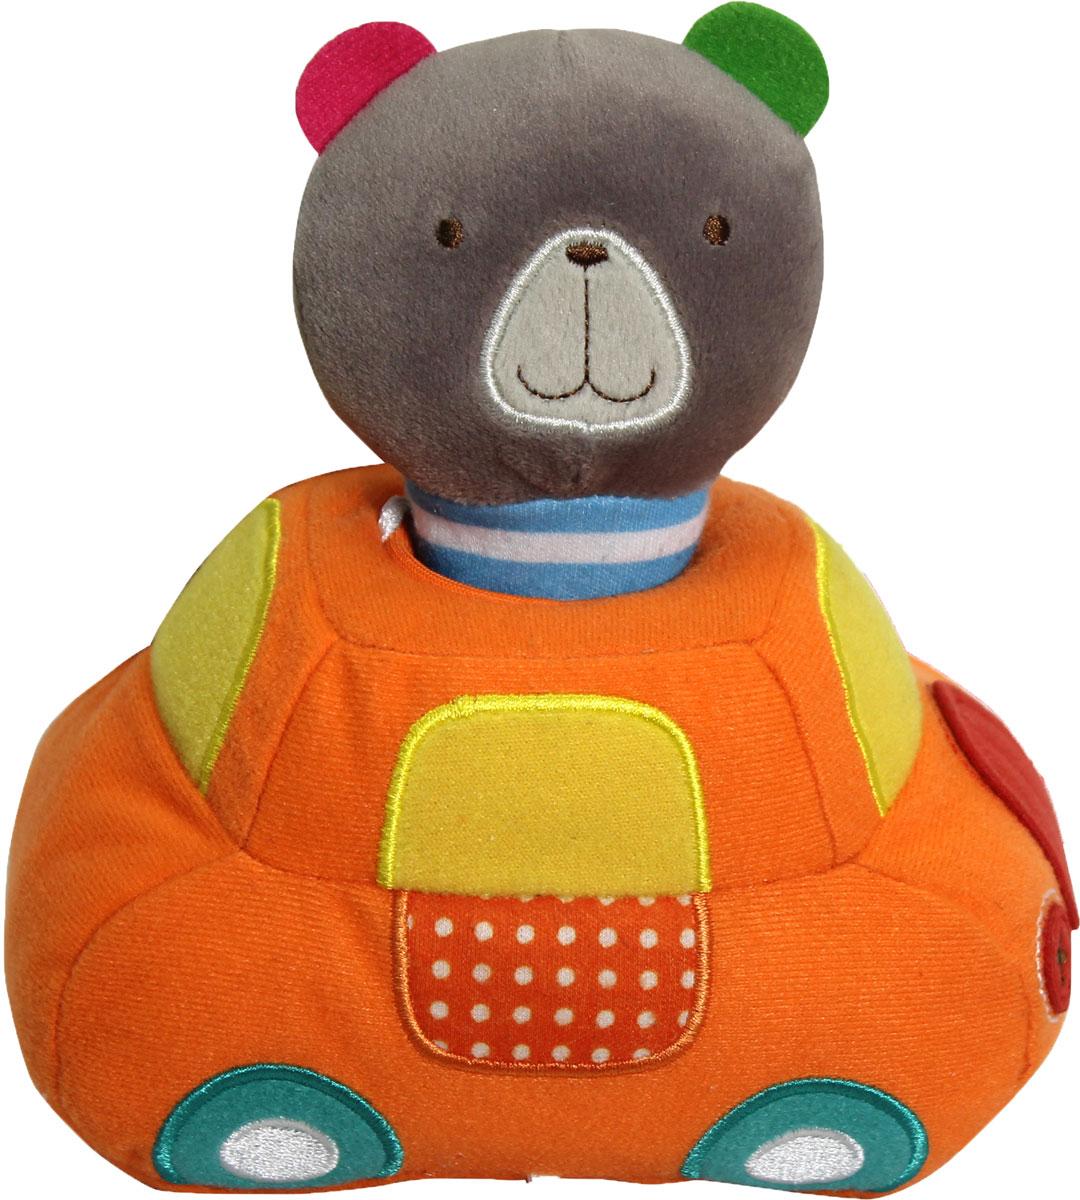 Bobby & Friends Мягкая развивающая игрушка Плюшевый транспорт цвет оранжевый серыйТ57143Мягкая развивающая игрушка Bobby & Friends Плюшевый транспорт выполнена в виде машинки с сидящим в ней медвежонком Бобби. Игрушка поможет ребенку развить тактильные навыки, визуальное и звуковое восприятие. Если посадить медвежонка за руль, то вы услышите звук работающего мотора и приветствие Бобби. Сама фигурка медвежонка оснащена пищалкой. Для работы игрушки необходимы 3 батарейки типа ААА (товар комплектуется демонстрационными).